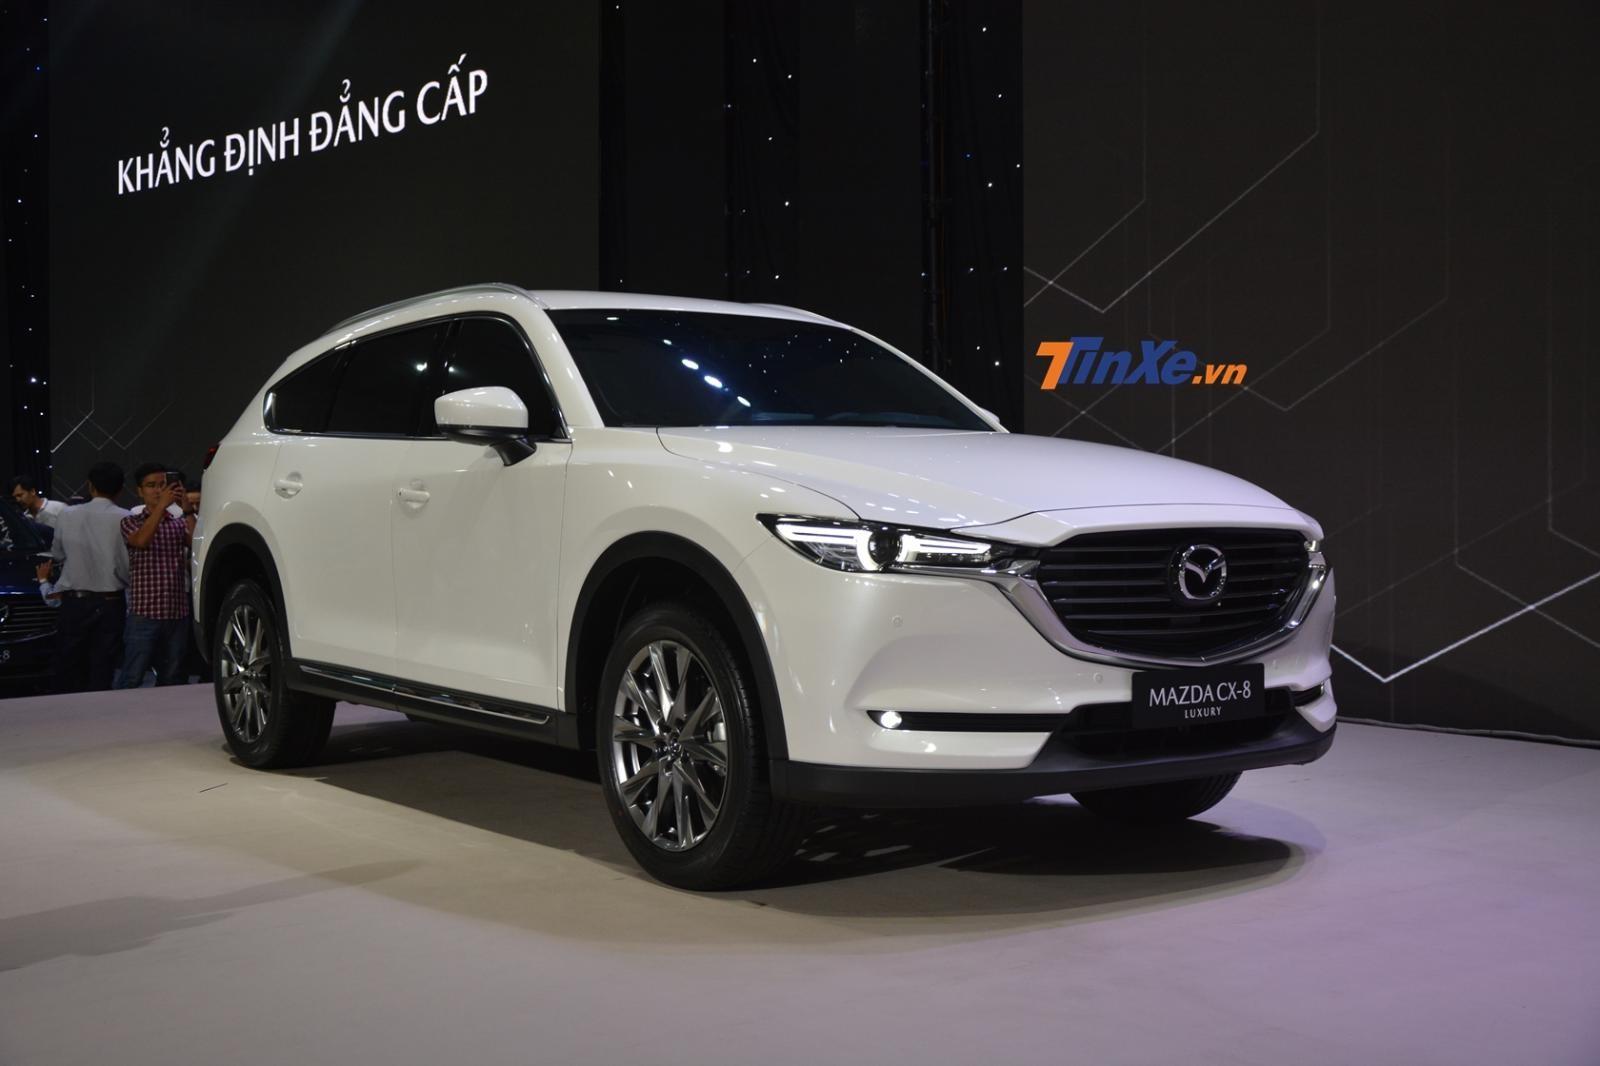 Mazda CX-8 phân phối tại thị trường Việt Nam sử dụng động cơ xăng 2.5 lít